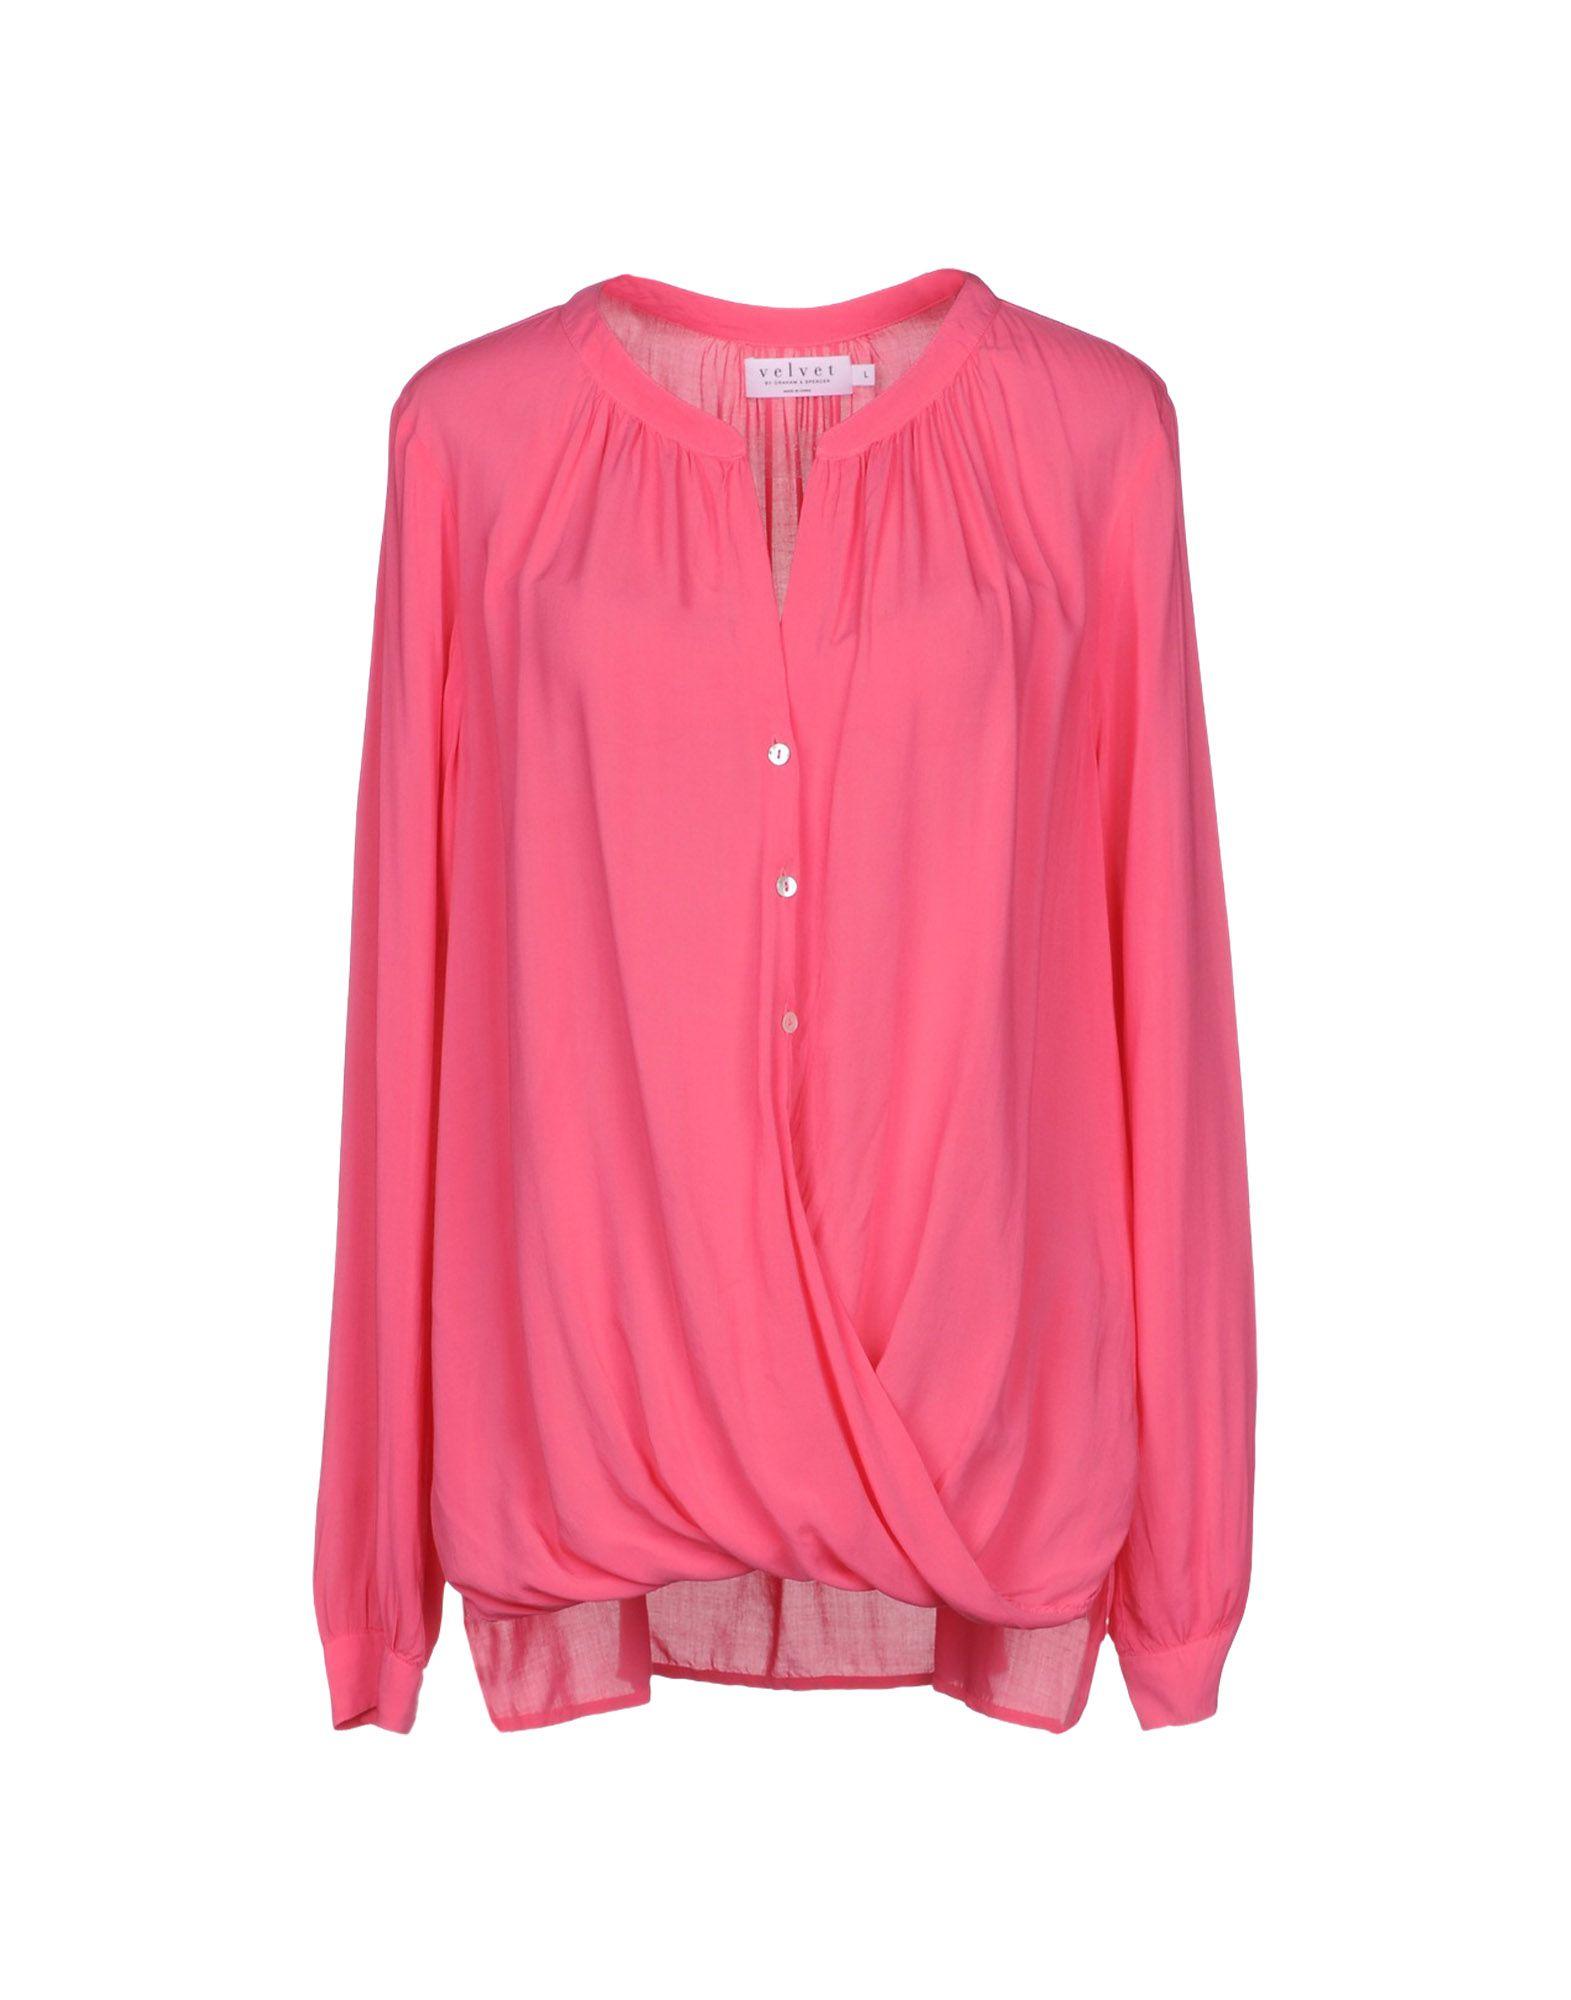 VELVET by GRAHAM & SPENCER Pубашка v neck lace trim velvet blouse